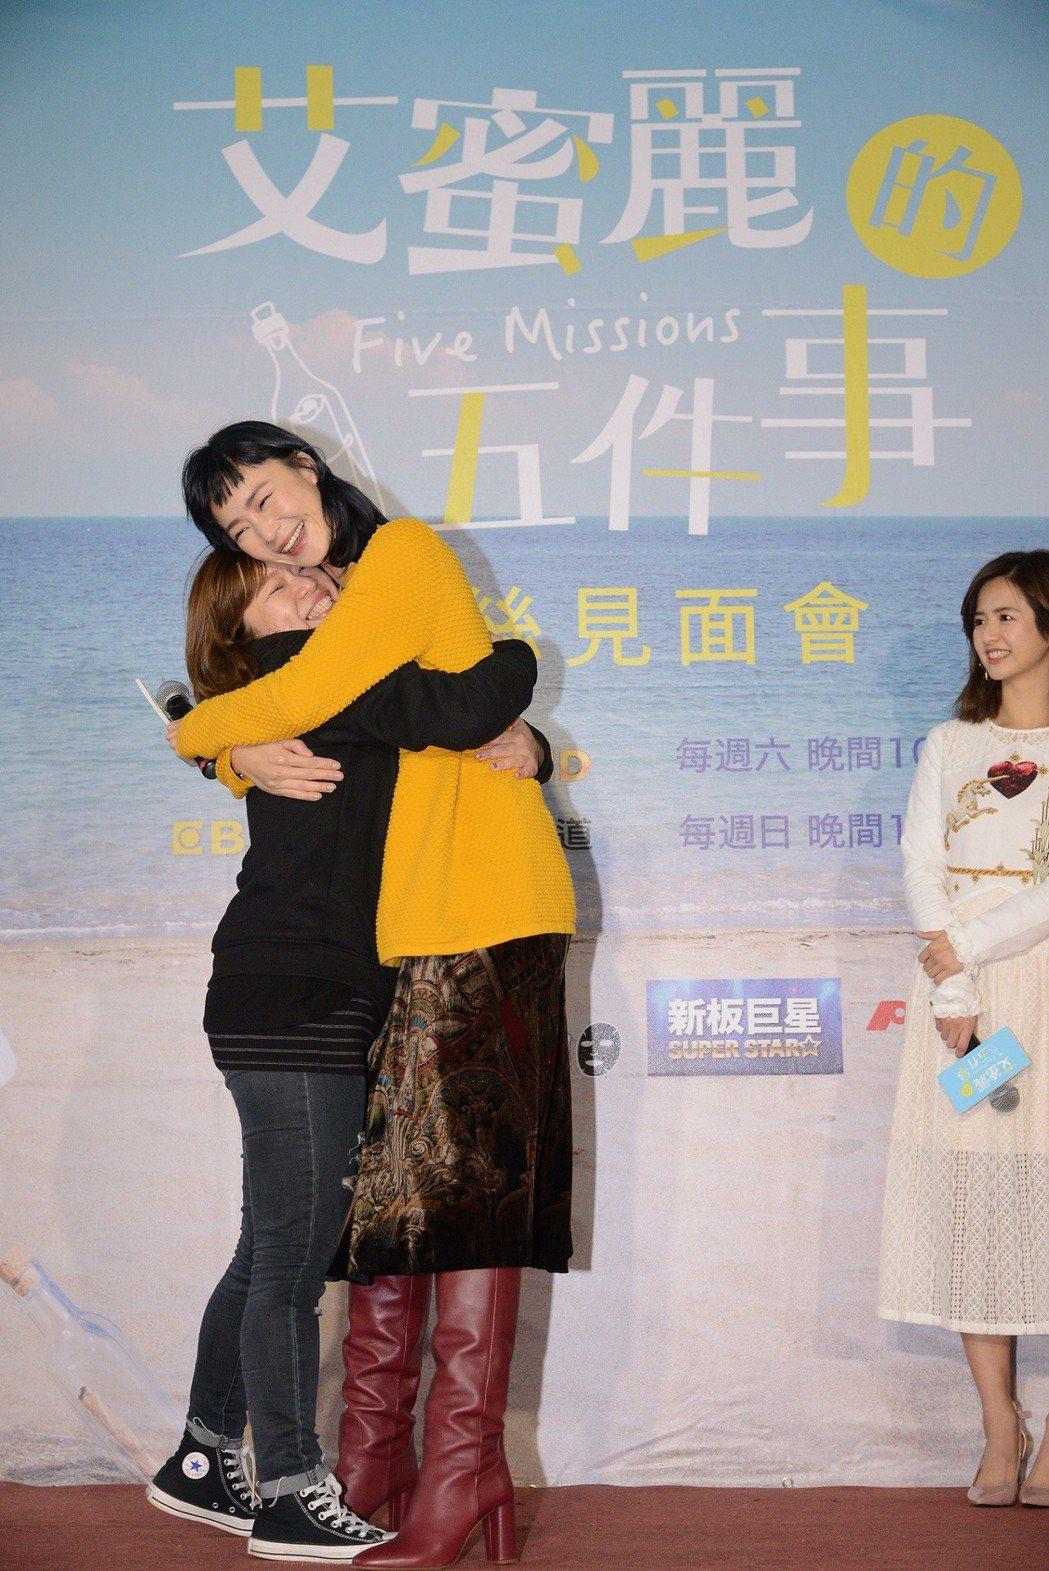 鍾瑶給粉絲愛的抱抱。圖/東森提供